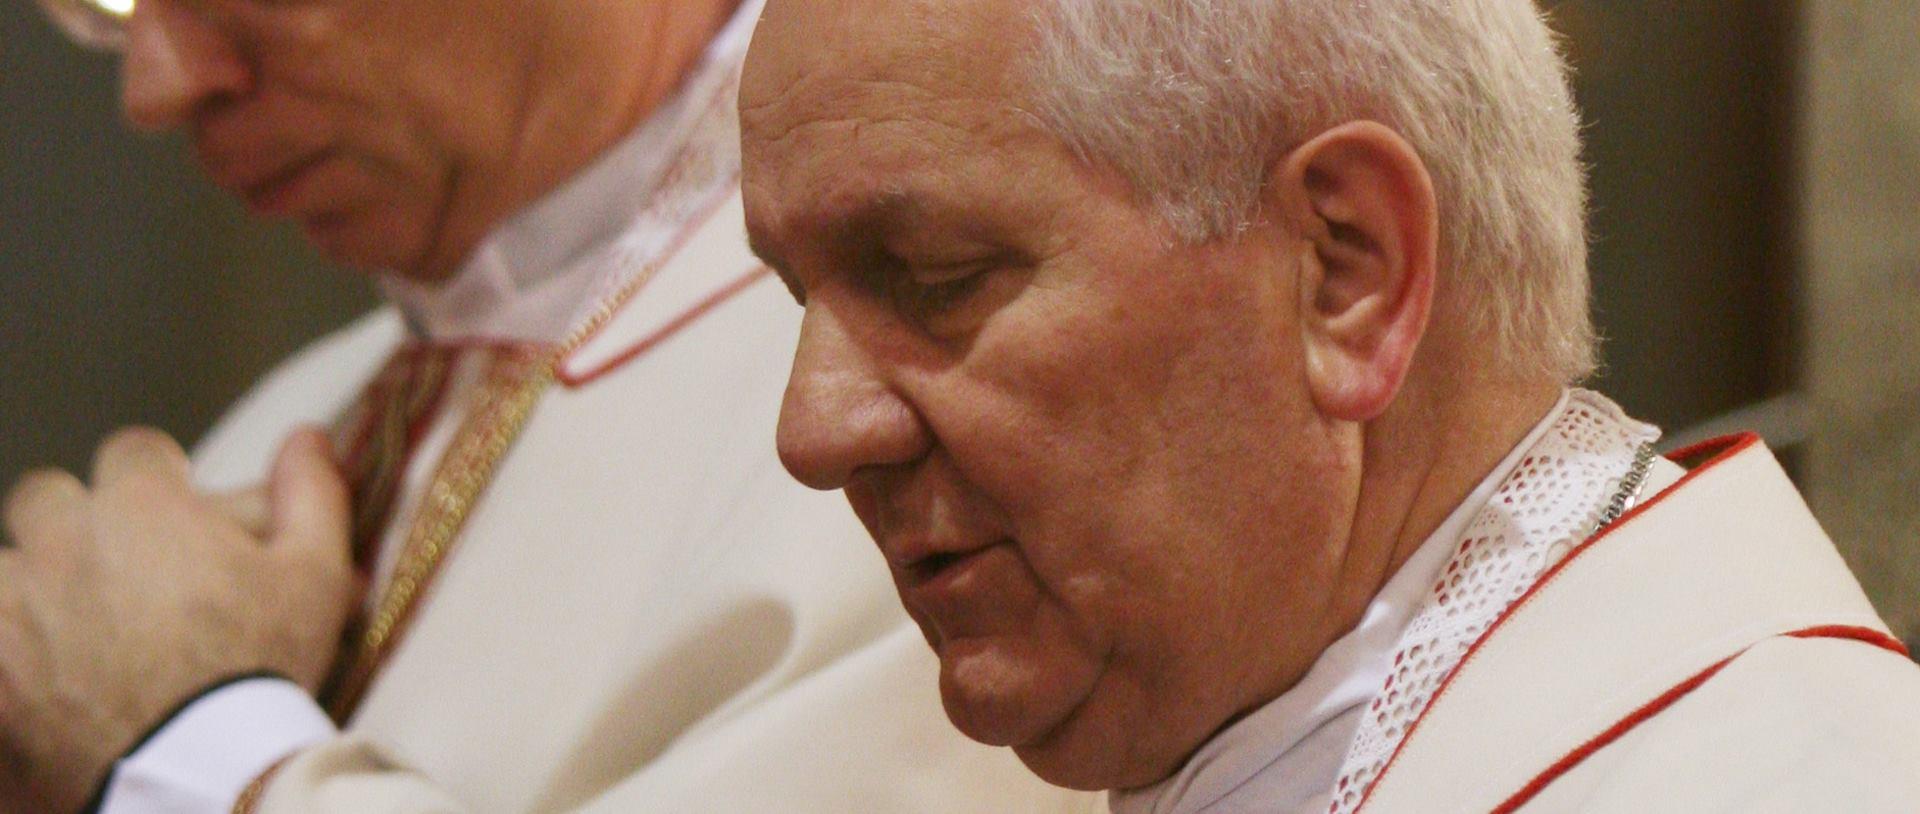 NAPREDAK 'Nedopustive su Dodikove prijetnje biskupu Komarici'